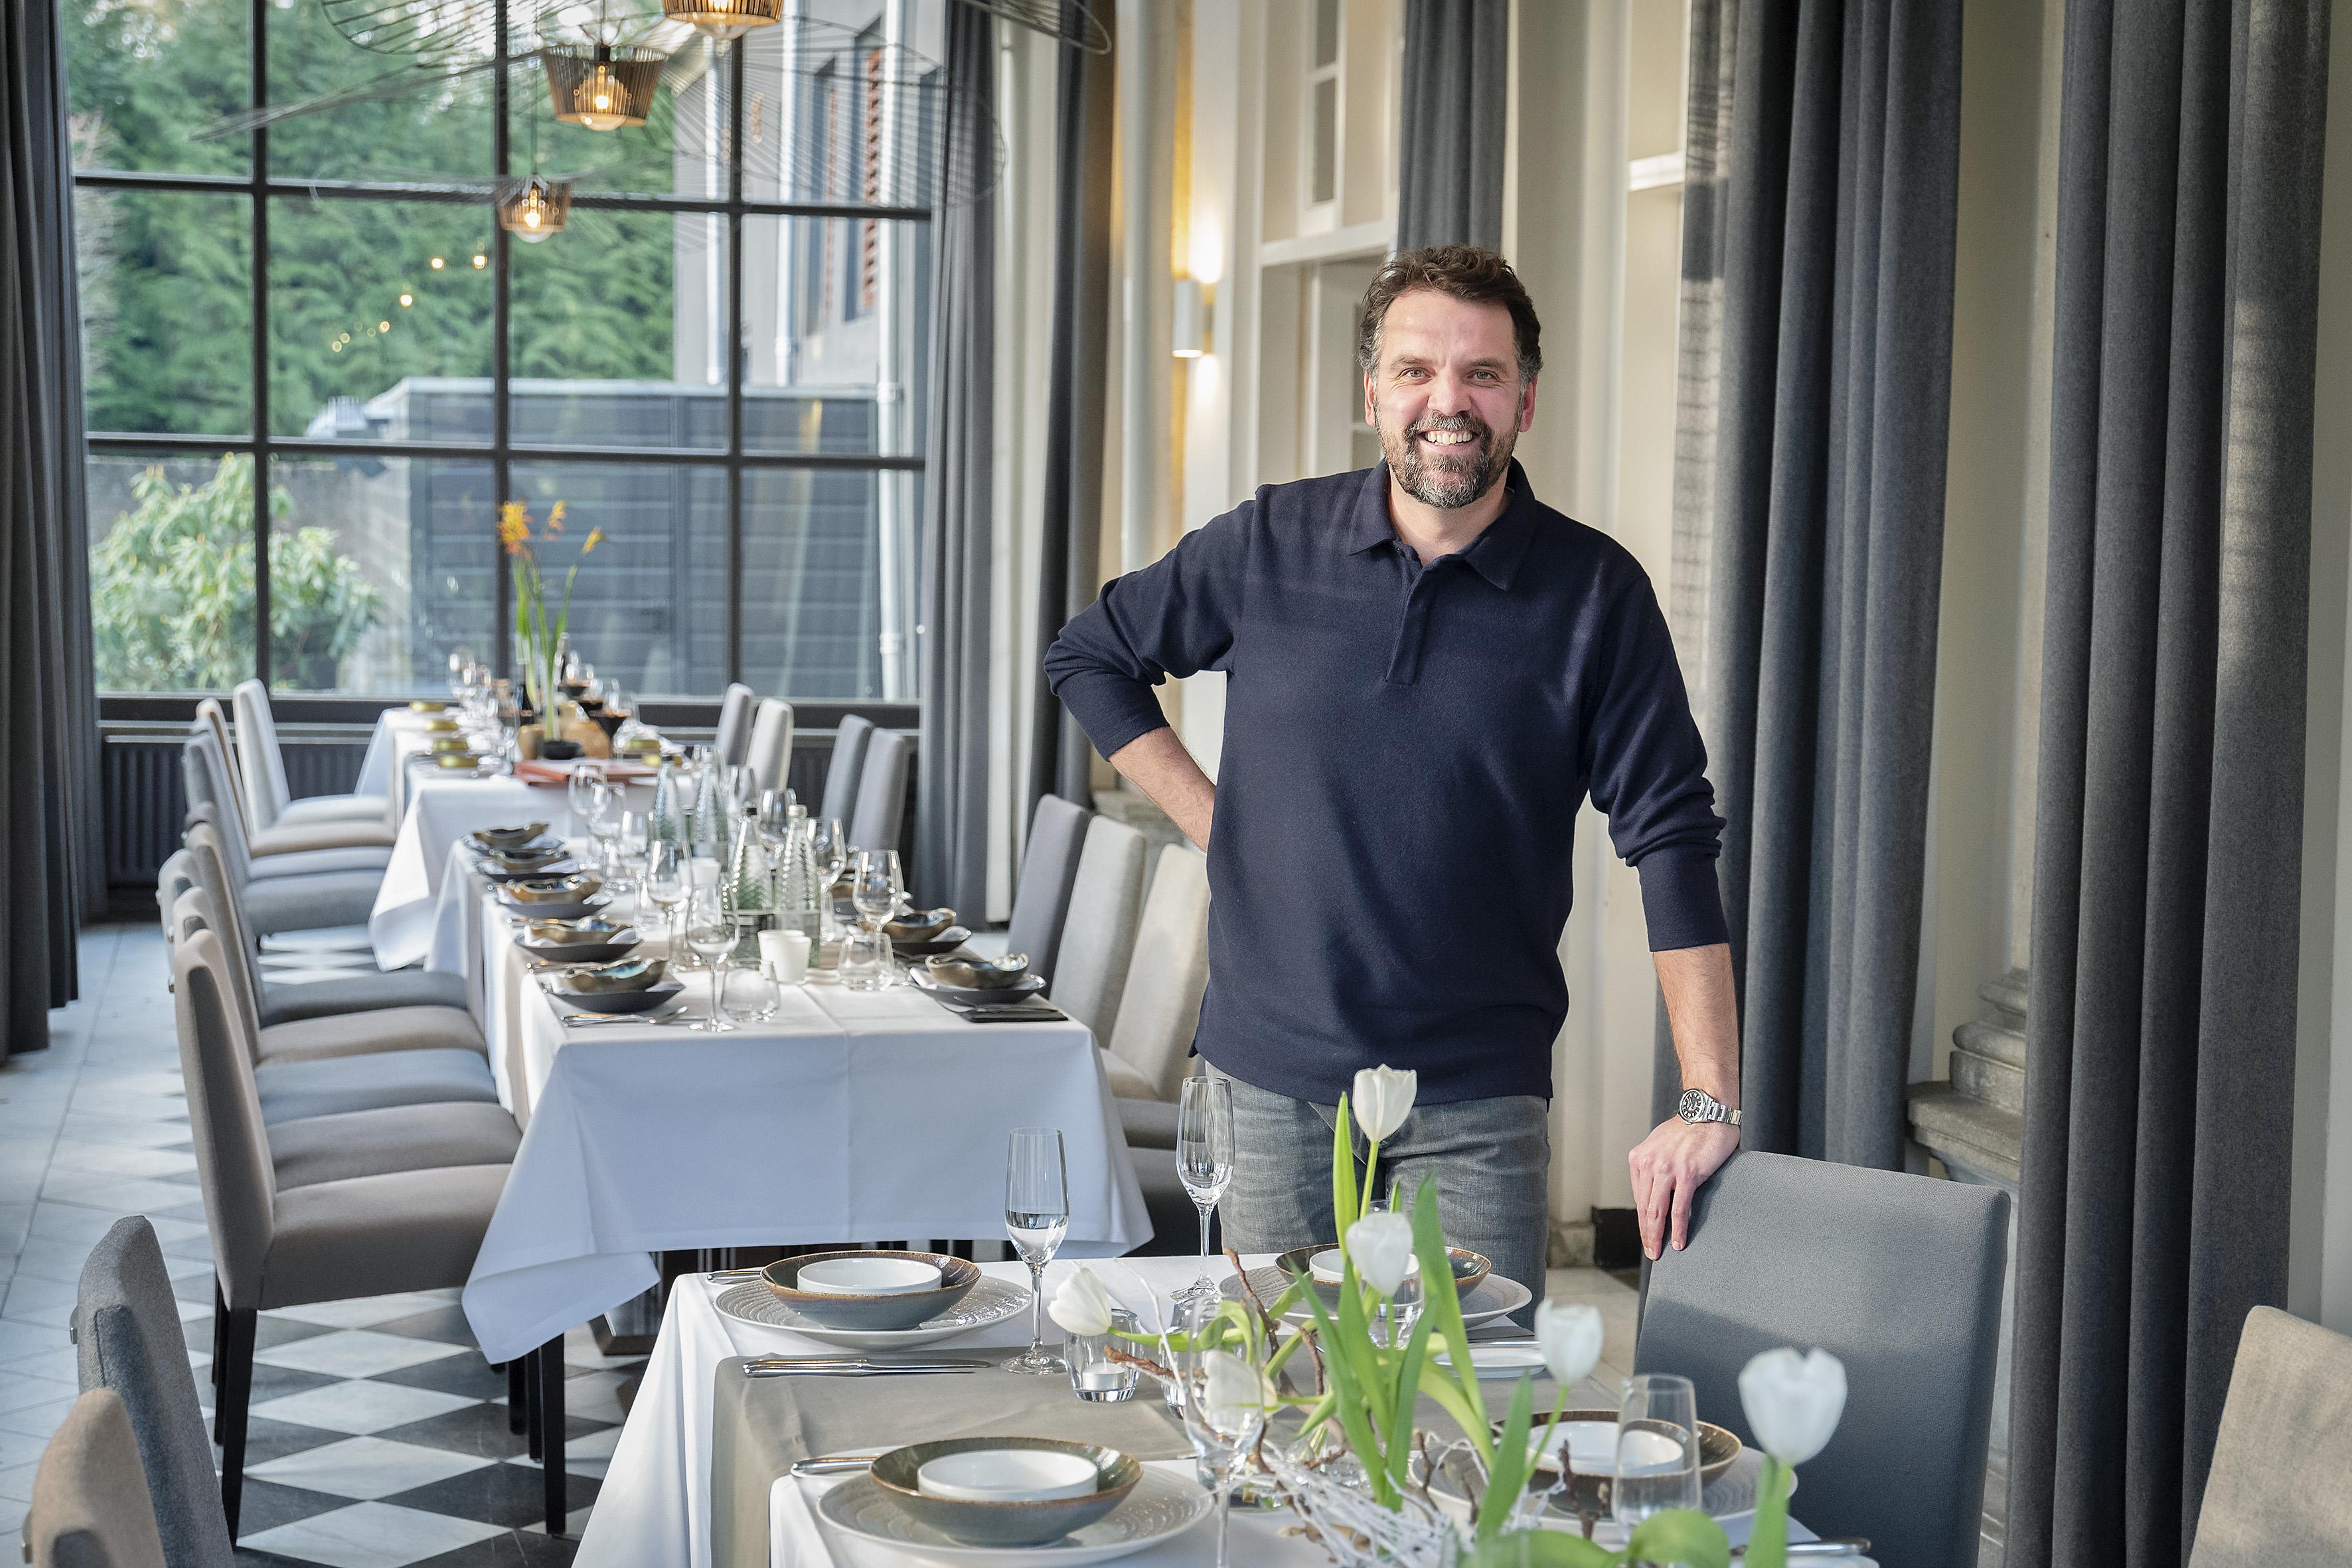 Eigenaar Restaurant Groenendaal wil meer begrip van gemeente Heemstede: 'We zijn verschrikkelijk aan het interen'